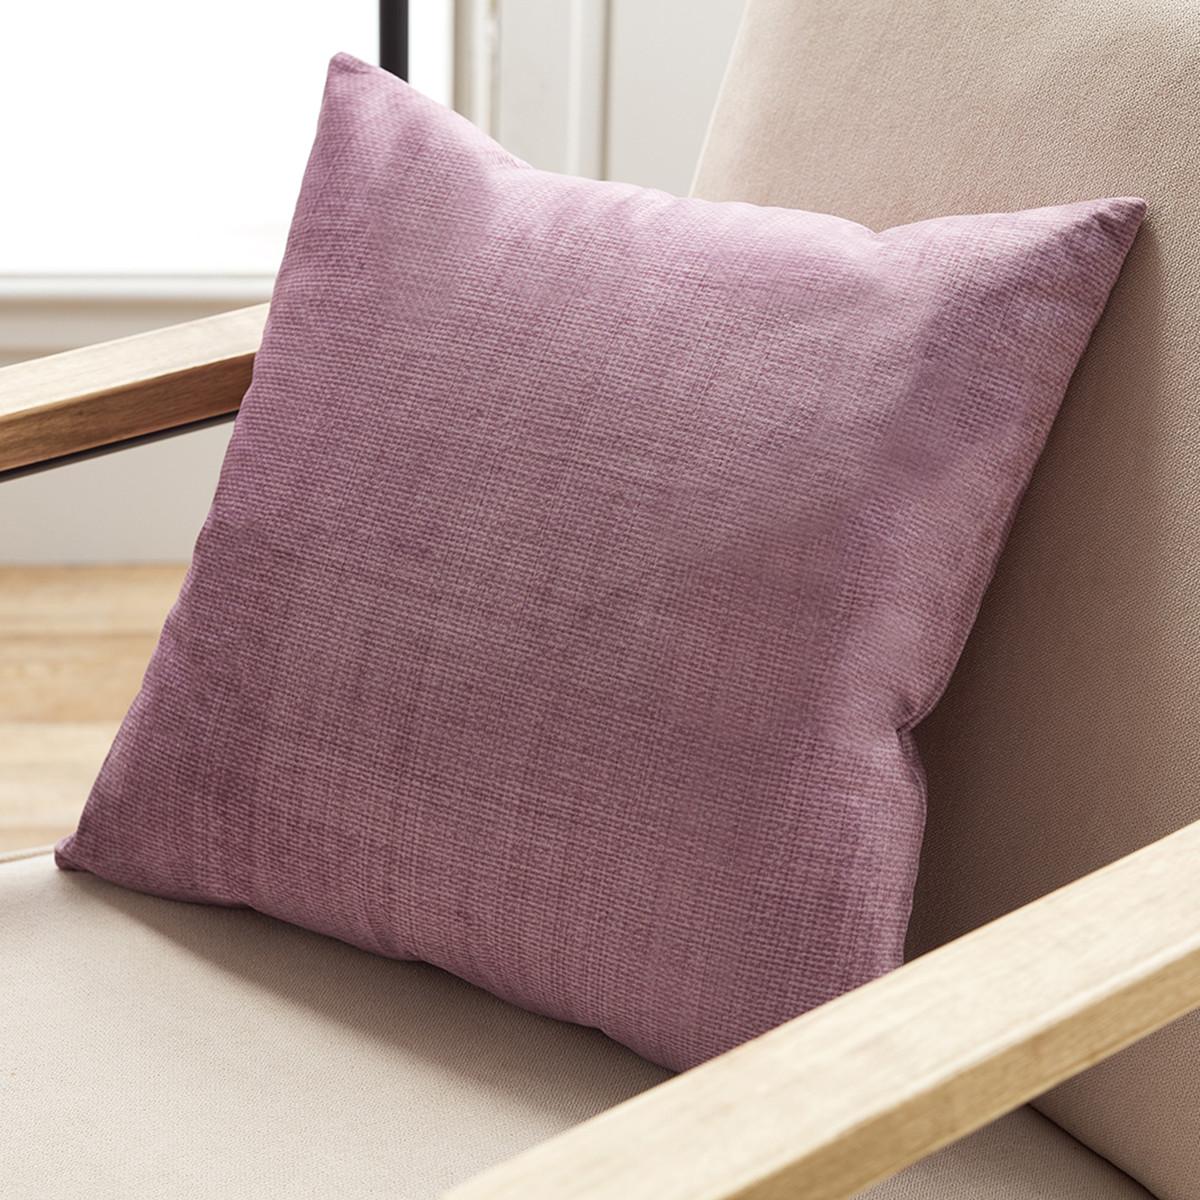 Διακοσμητική Μαξιλαροθήκη Gofis Home Mat Apple Pink 689/19